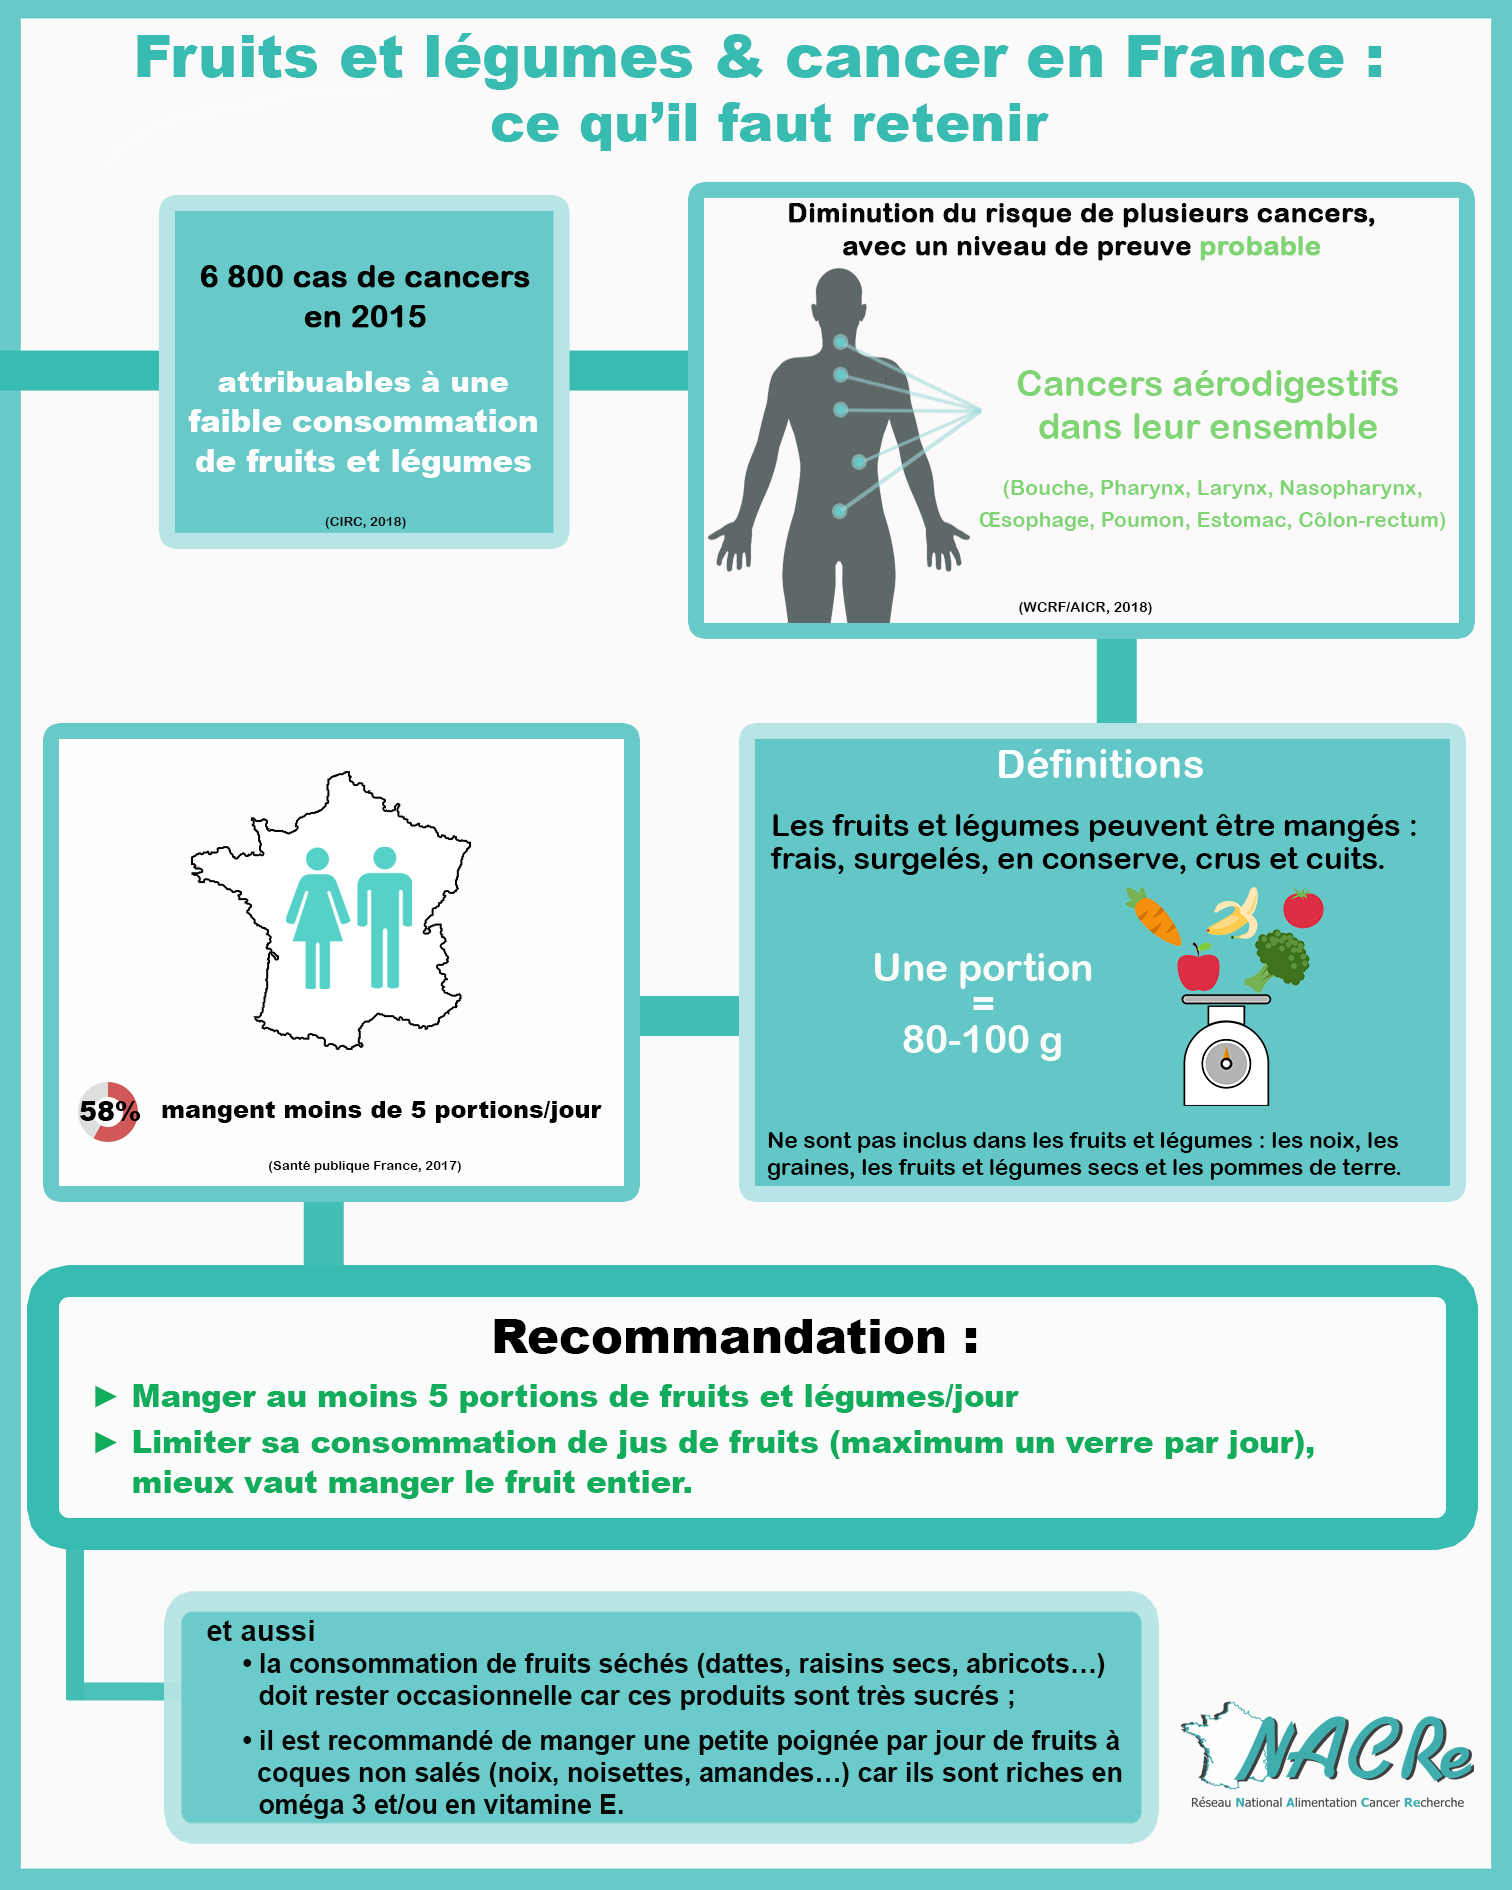 Infographie Fruits et légumes et risque de cancer France 2020